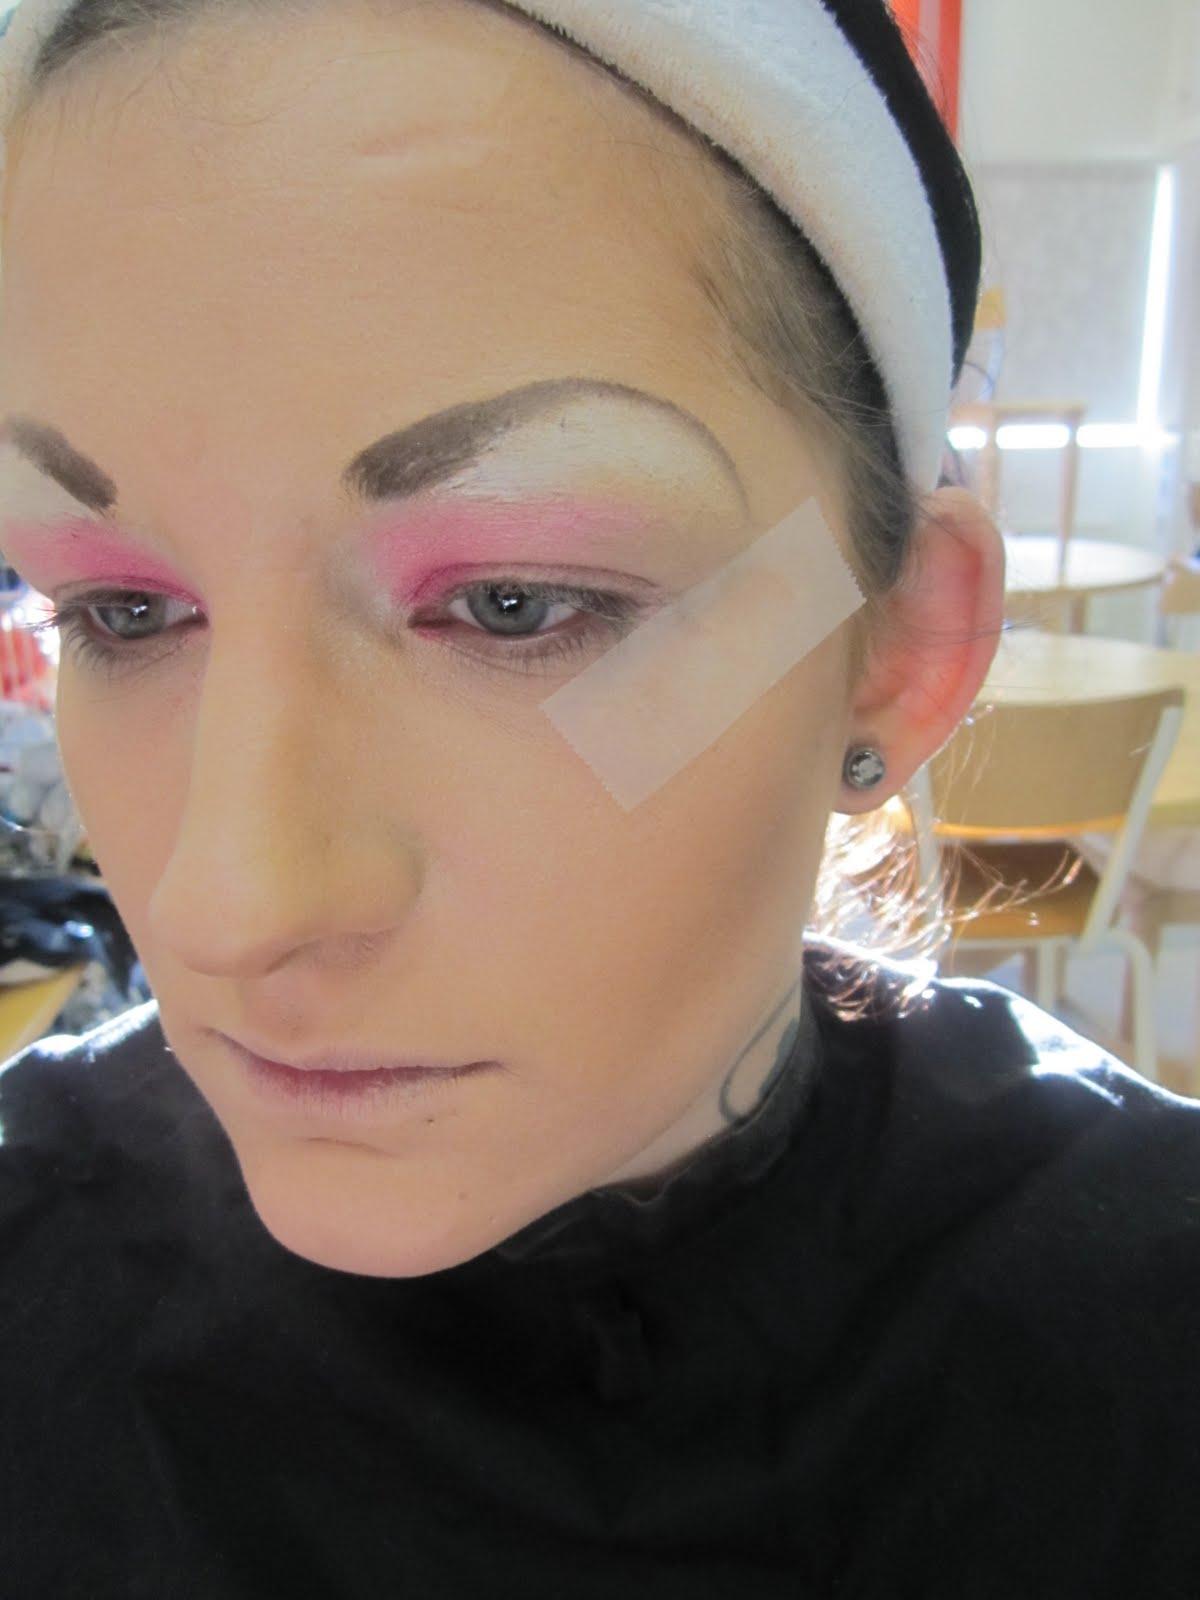 limma sår i ansiktet